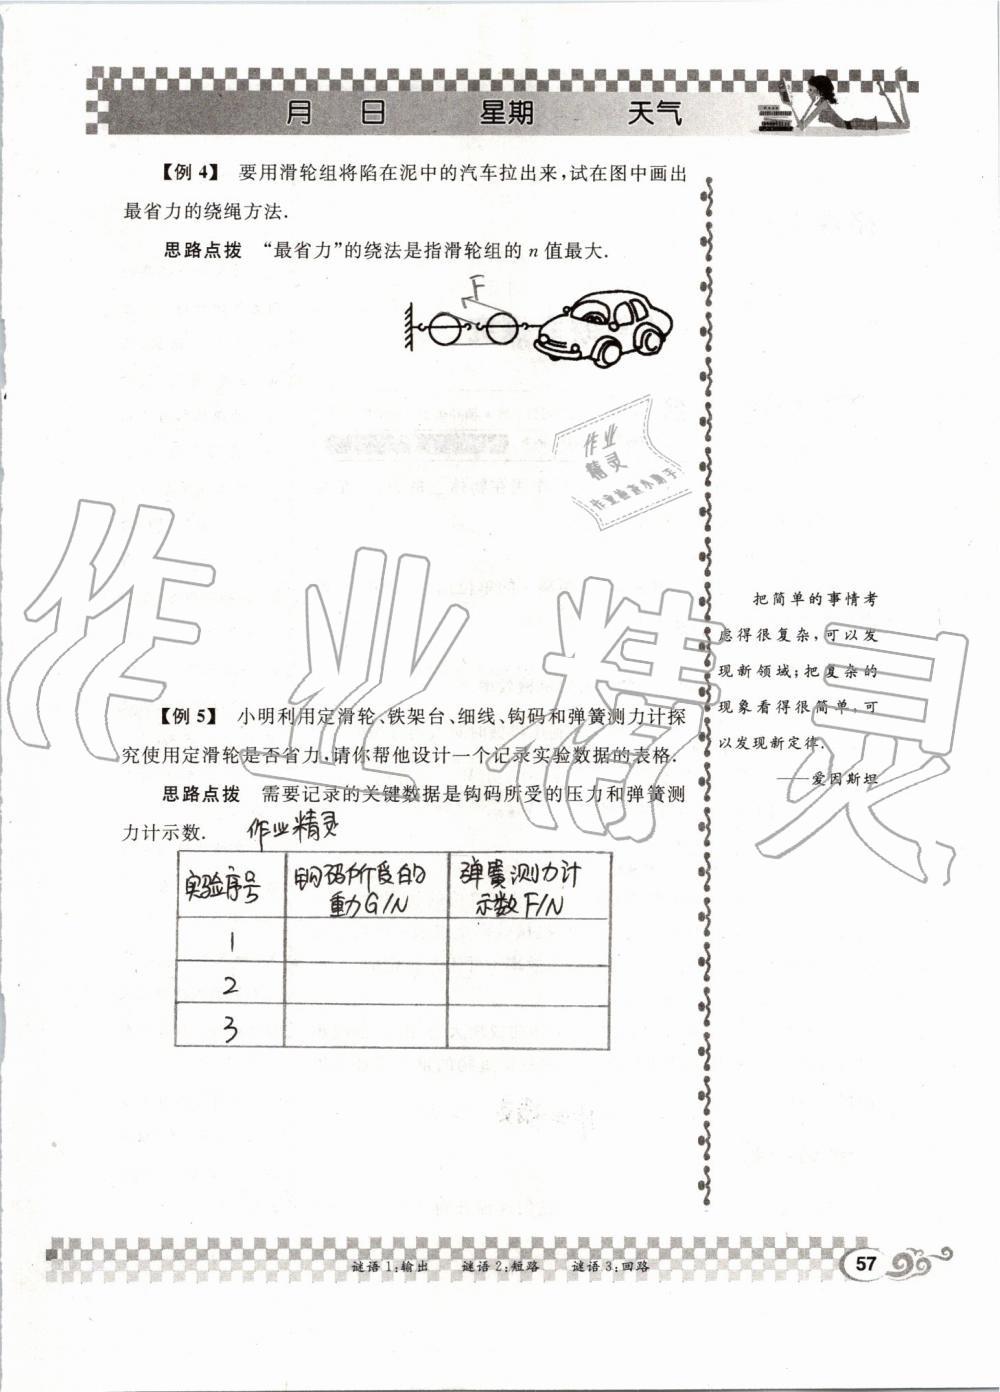 2019年长江暑假作业八年级物理崇文书局第57页